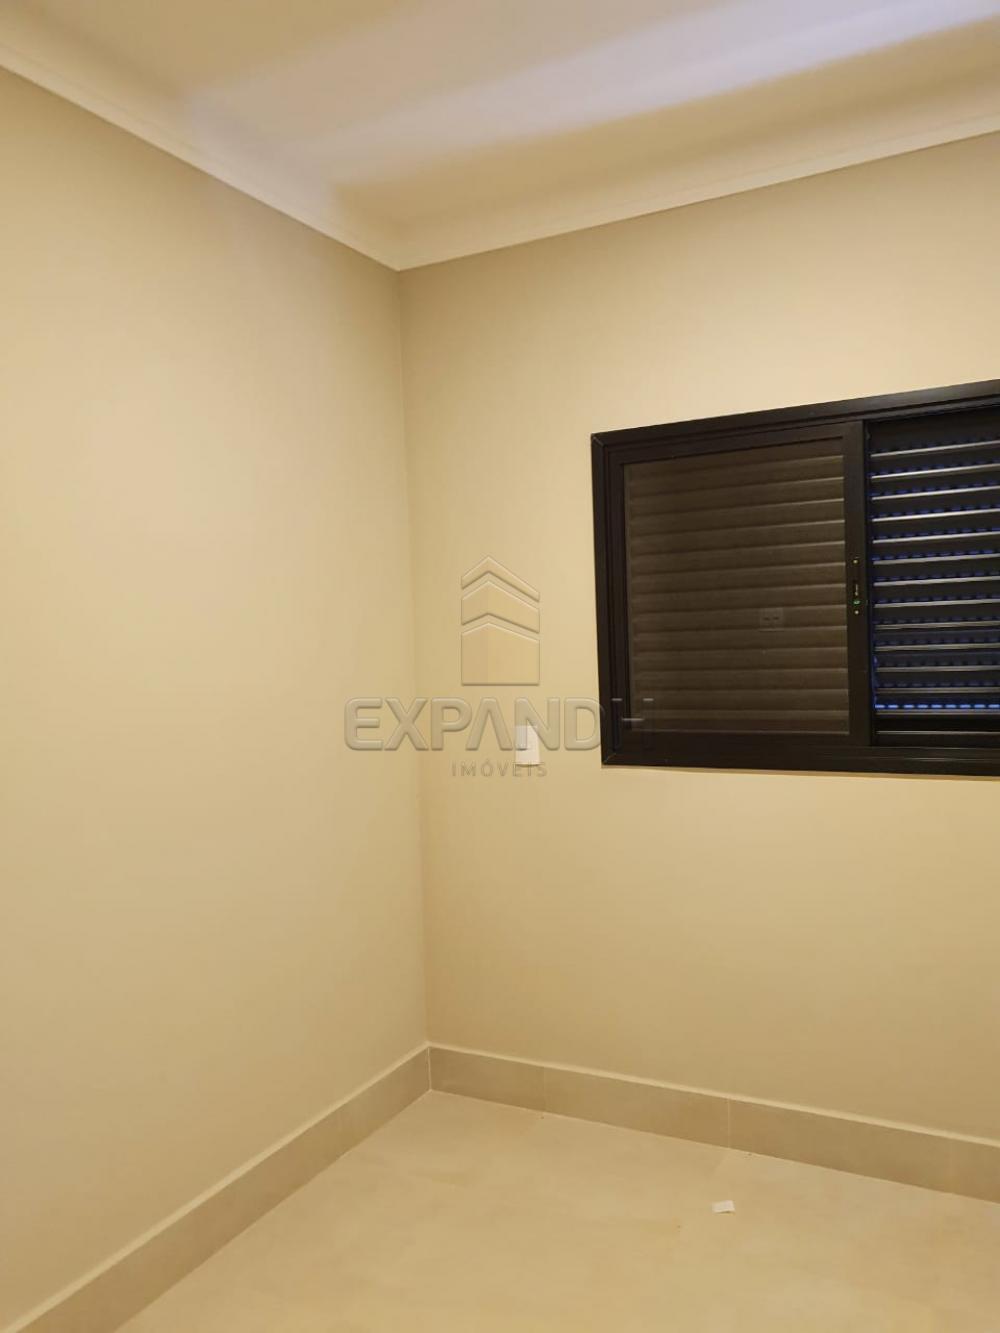 Comprar Casas / Condomínio em Sertãozinho R$ 478.390,00 - Foto 13